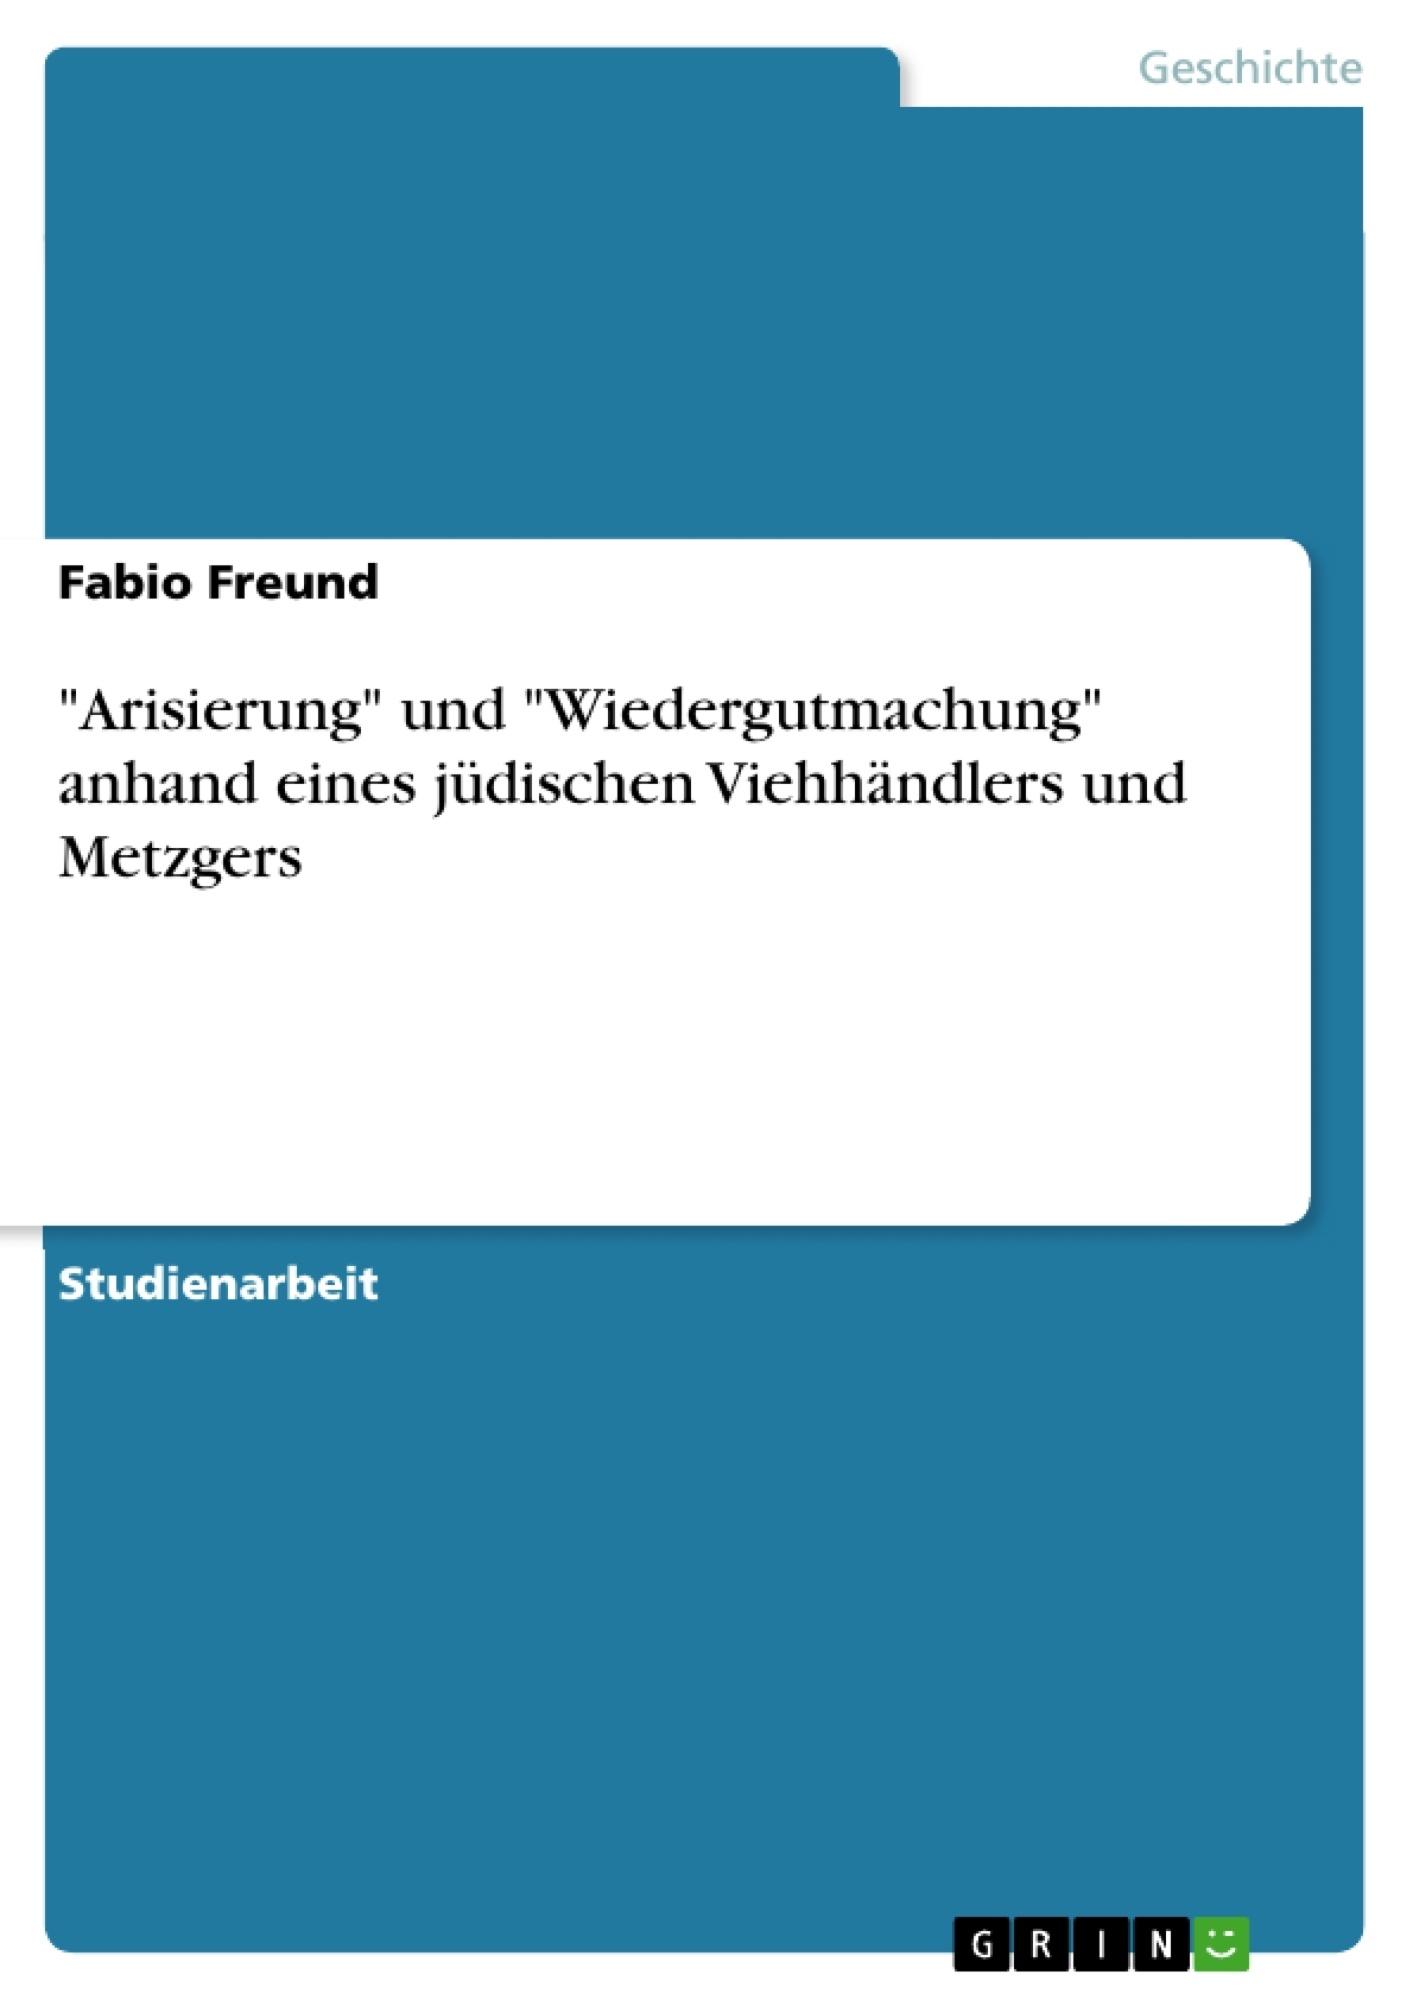 """Titel: """"Arisierung"""" und """"Wiedergutmachung"""" anhand eines jüdischen Viehhändlers und Metzgers"""